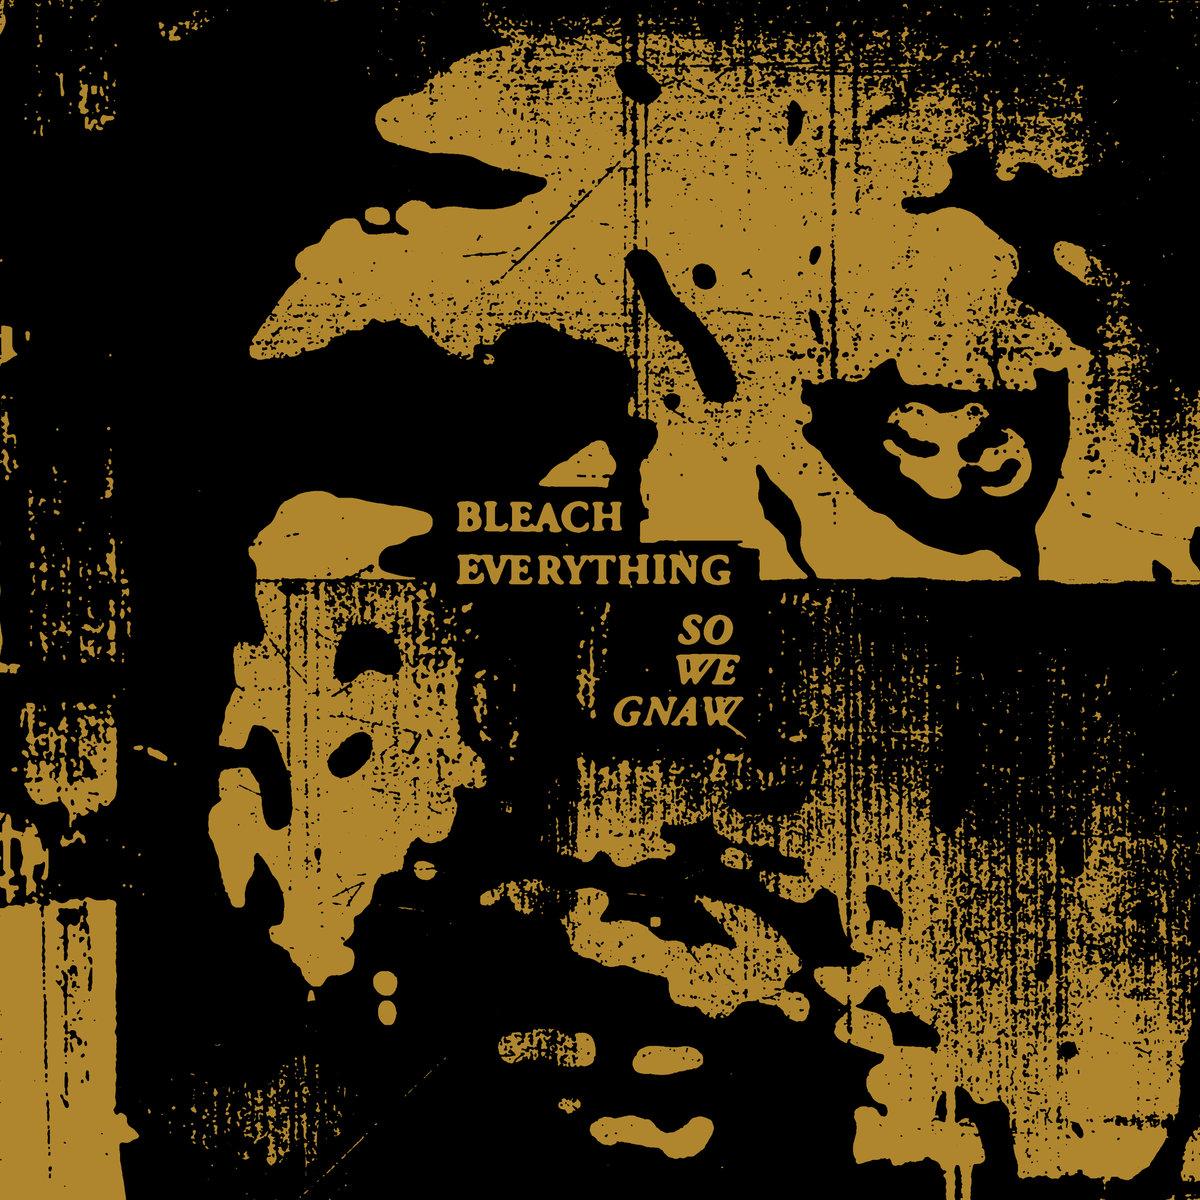 Bleach Everything